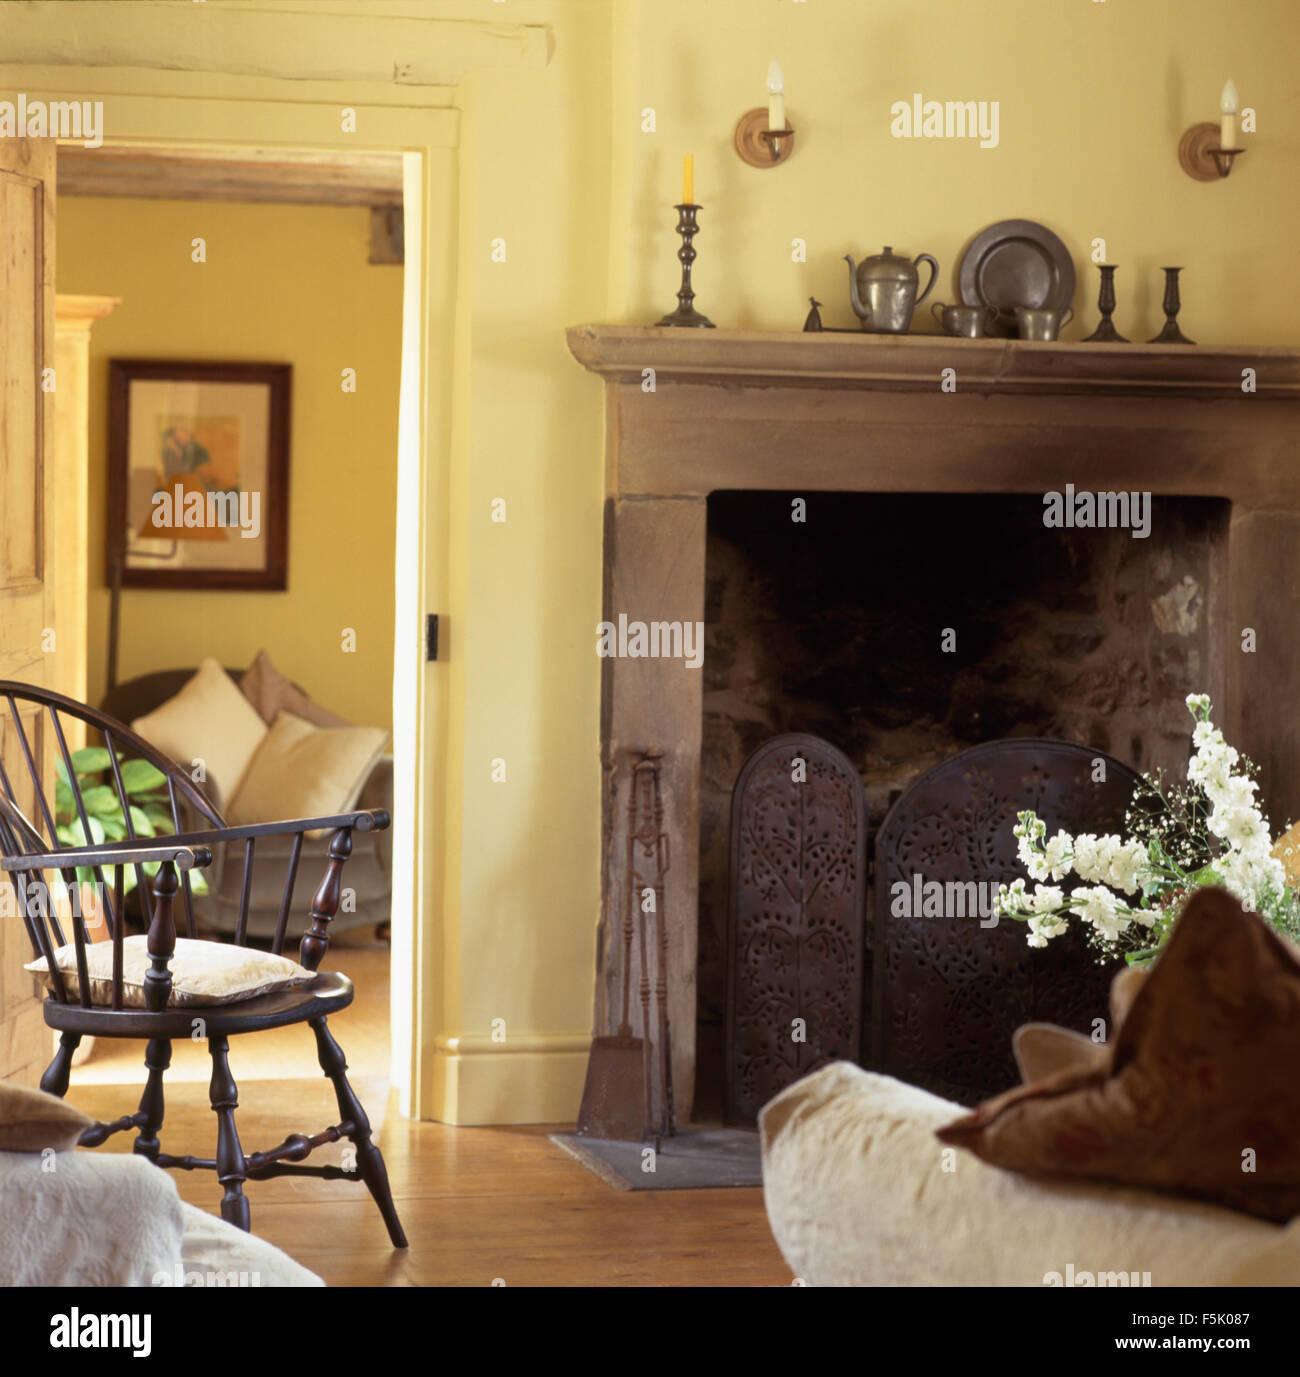 Fireplace Fireplaces Wall Stock Photos & Fireplace ...